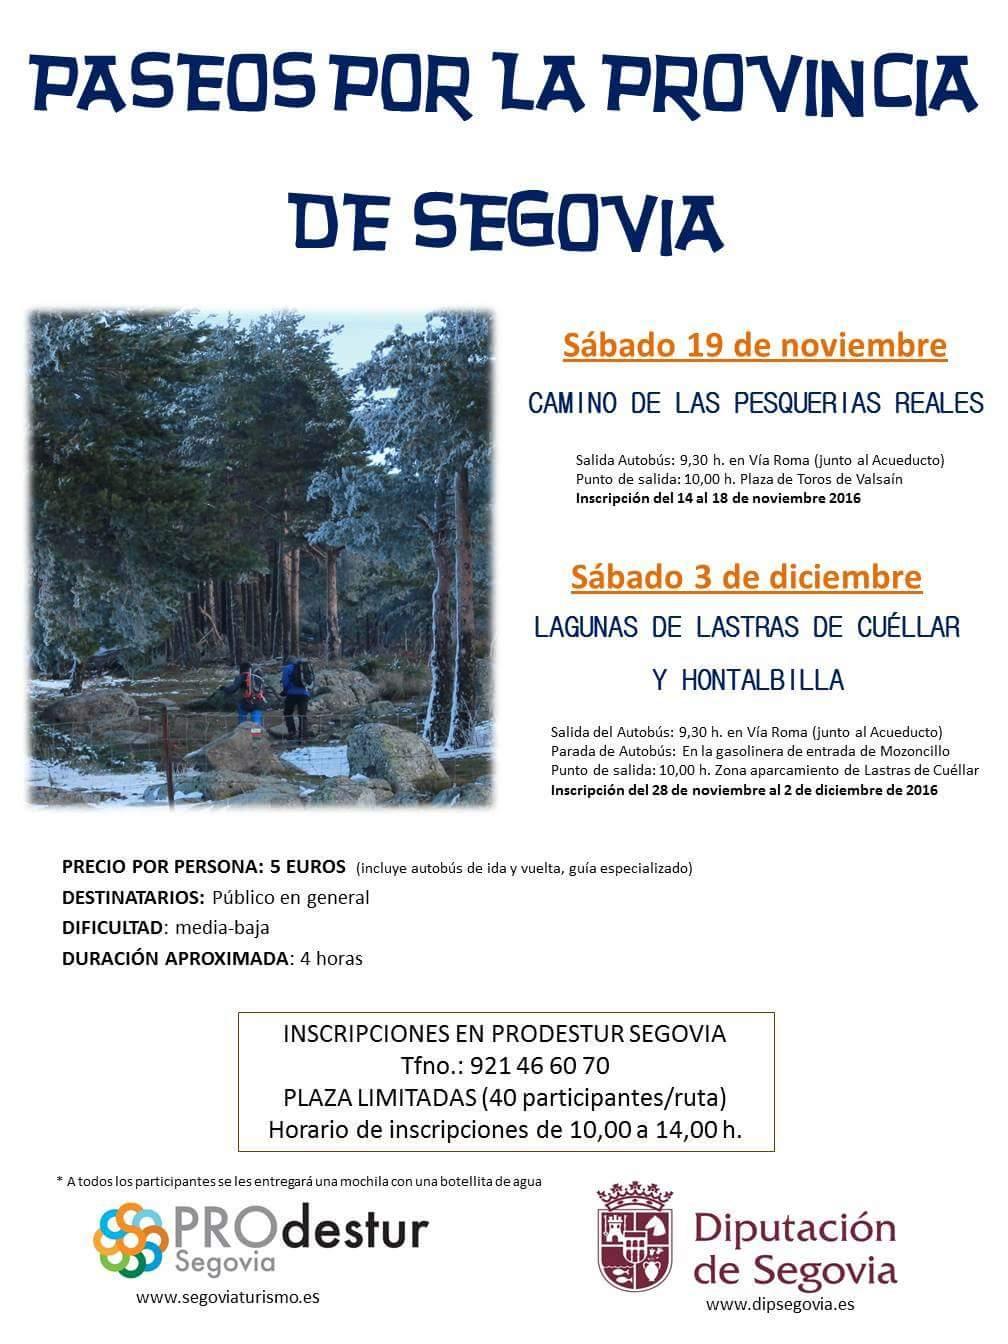 Paseos por la provincia de Segovia